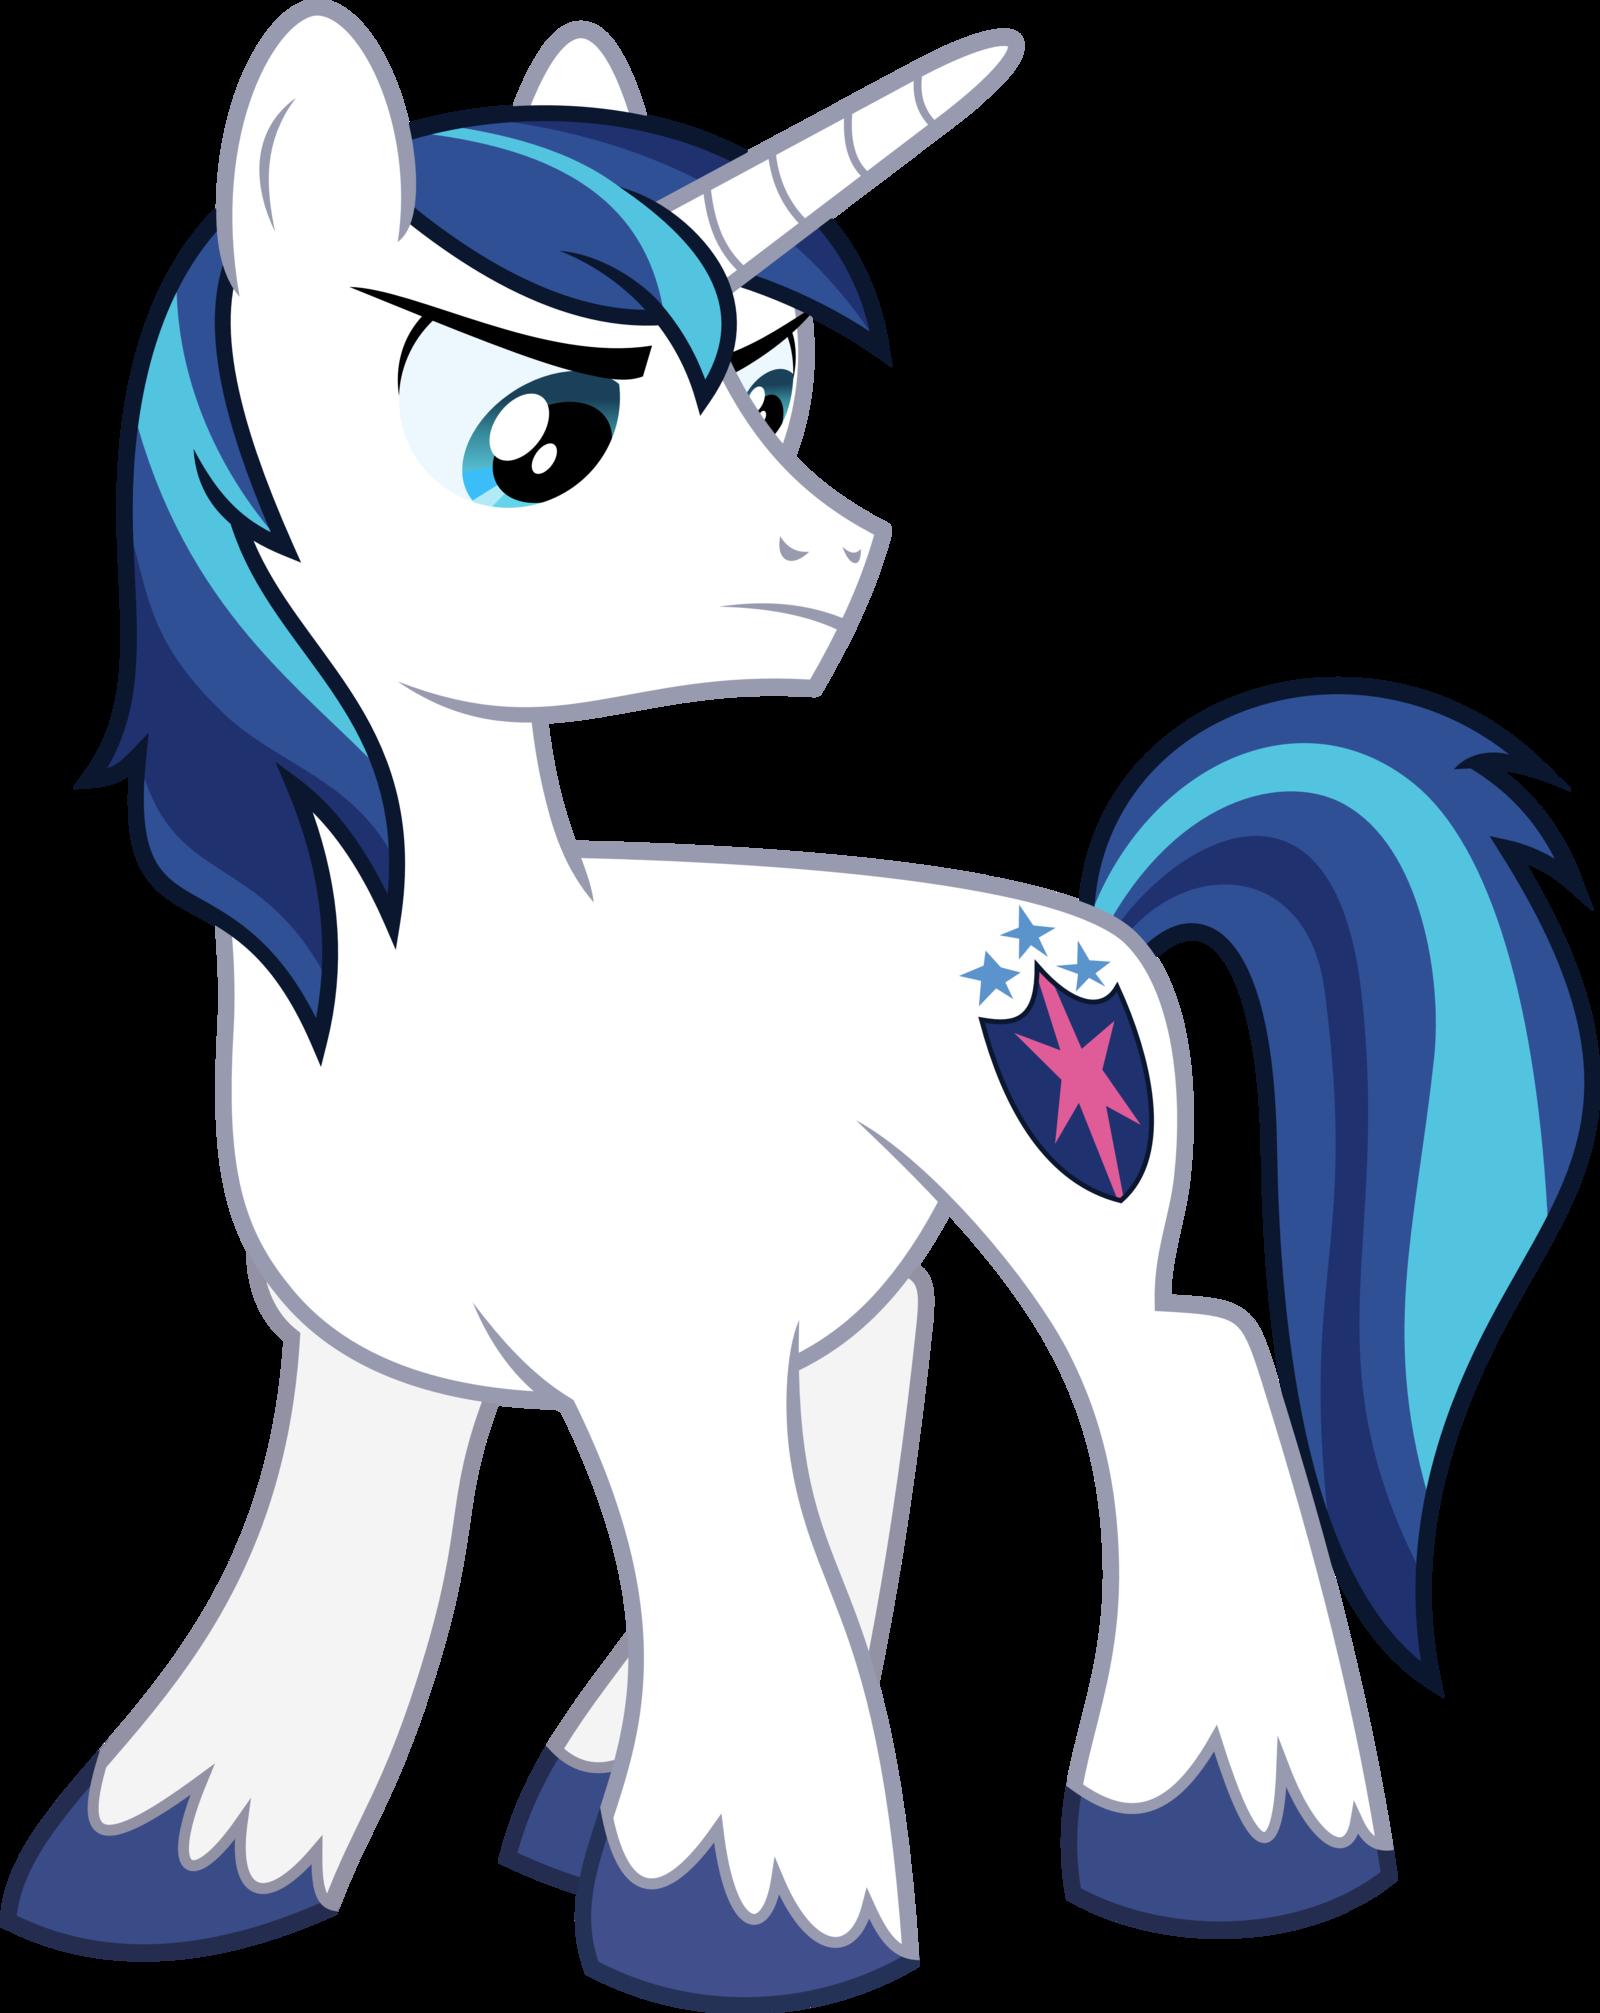 shining armor my little pony infinite loops wiki fandom